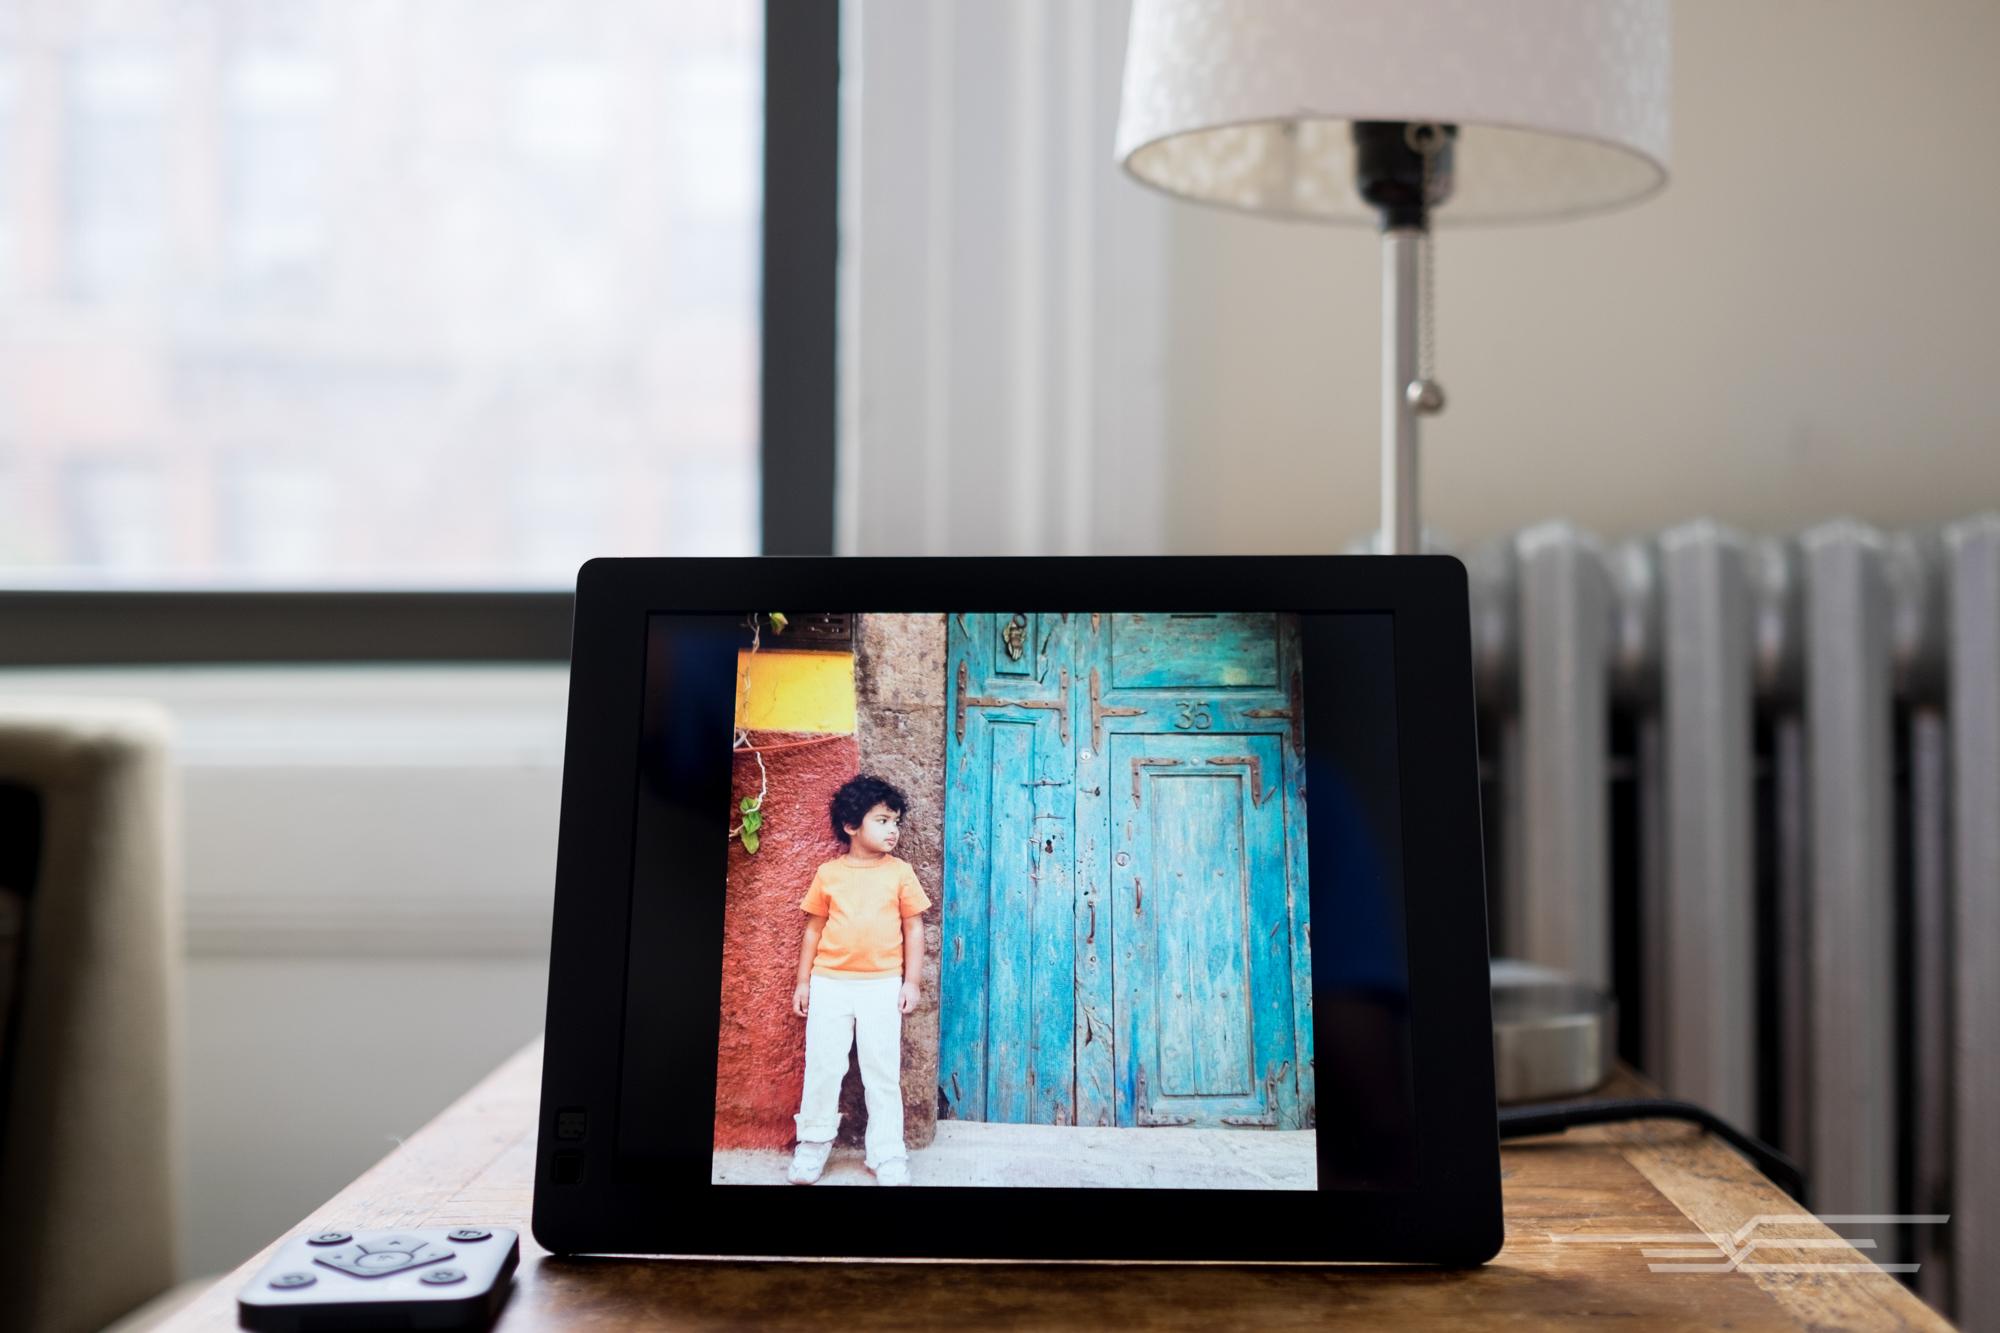 Digital photo frame hacks